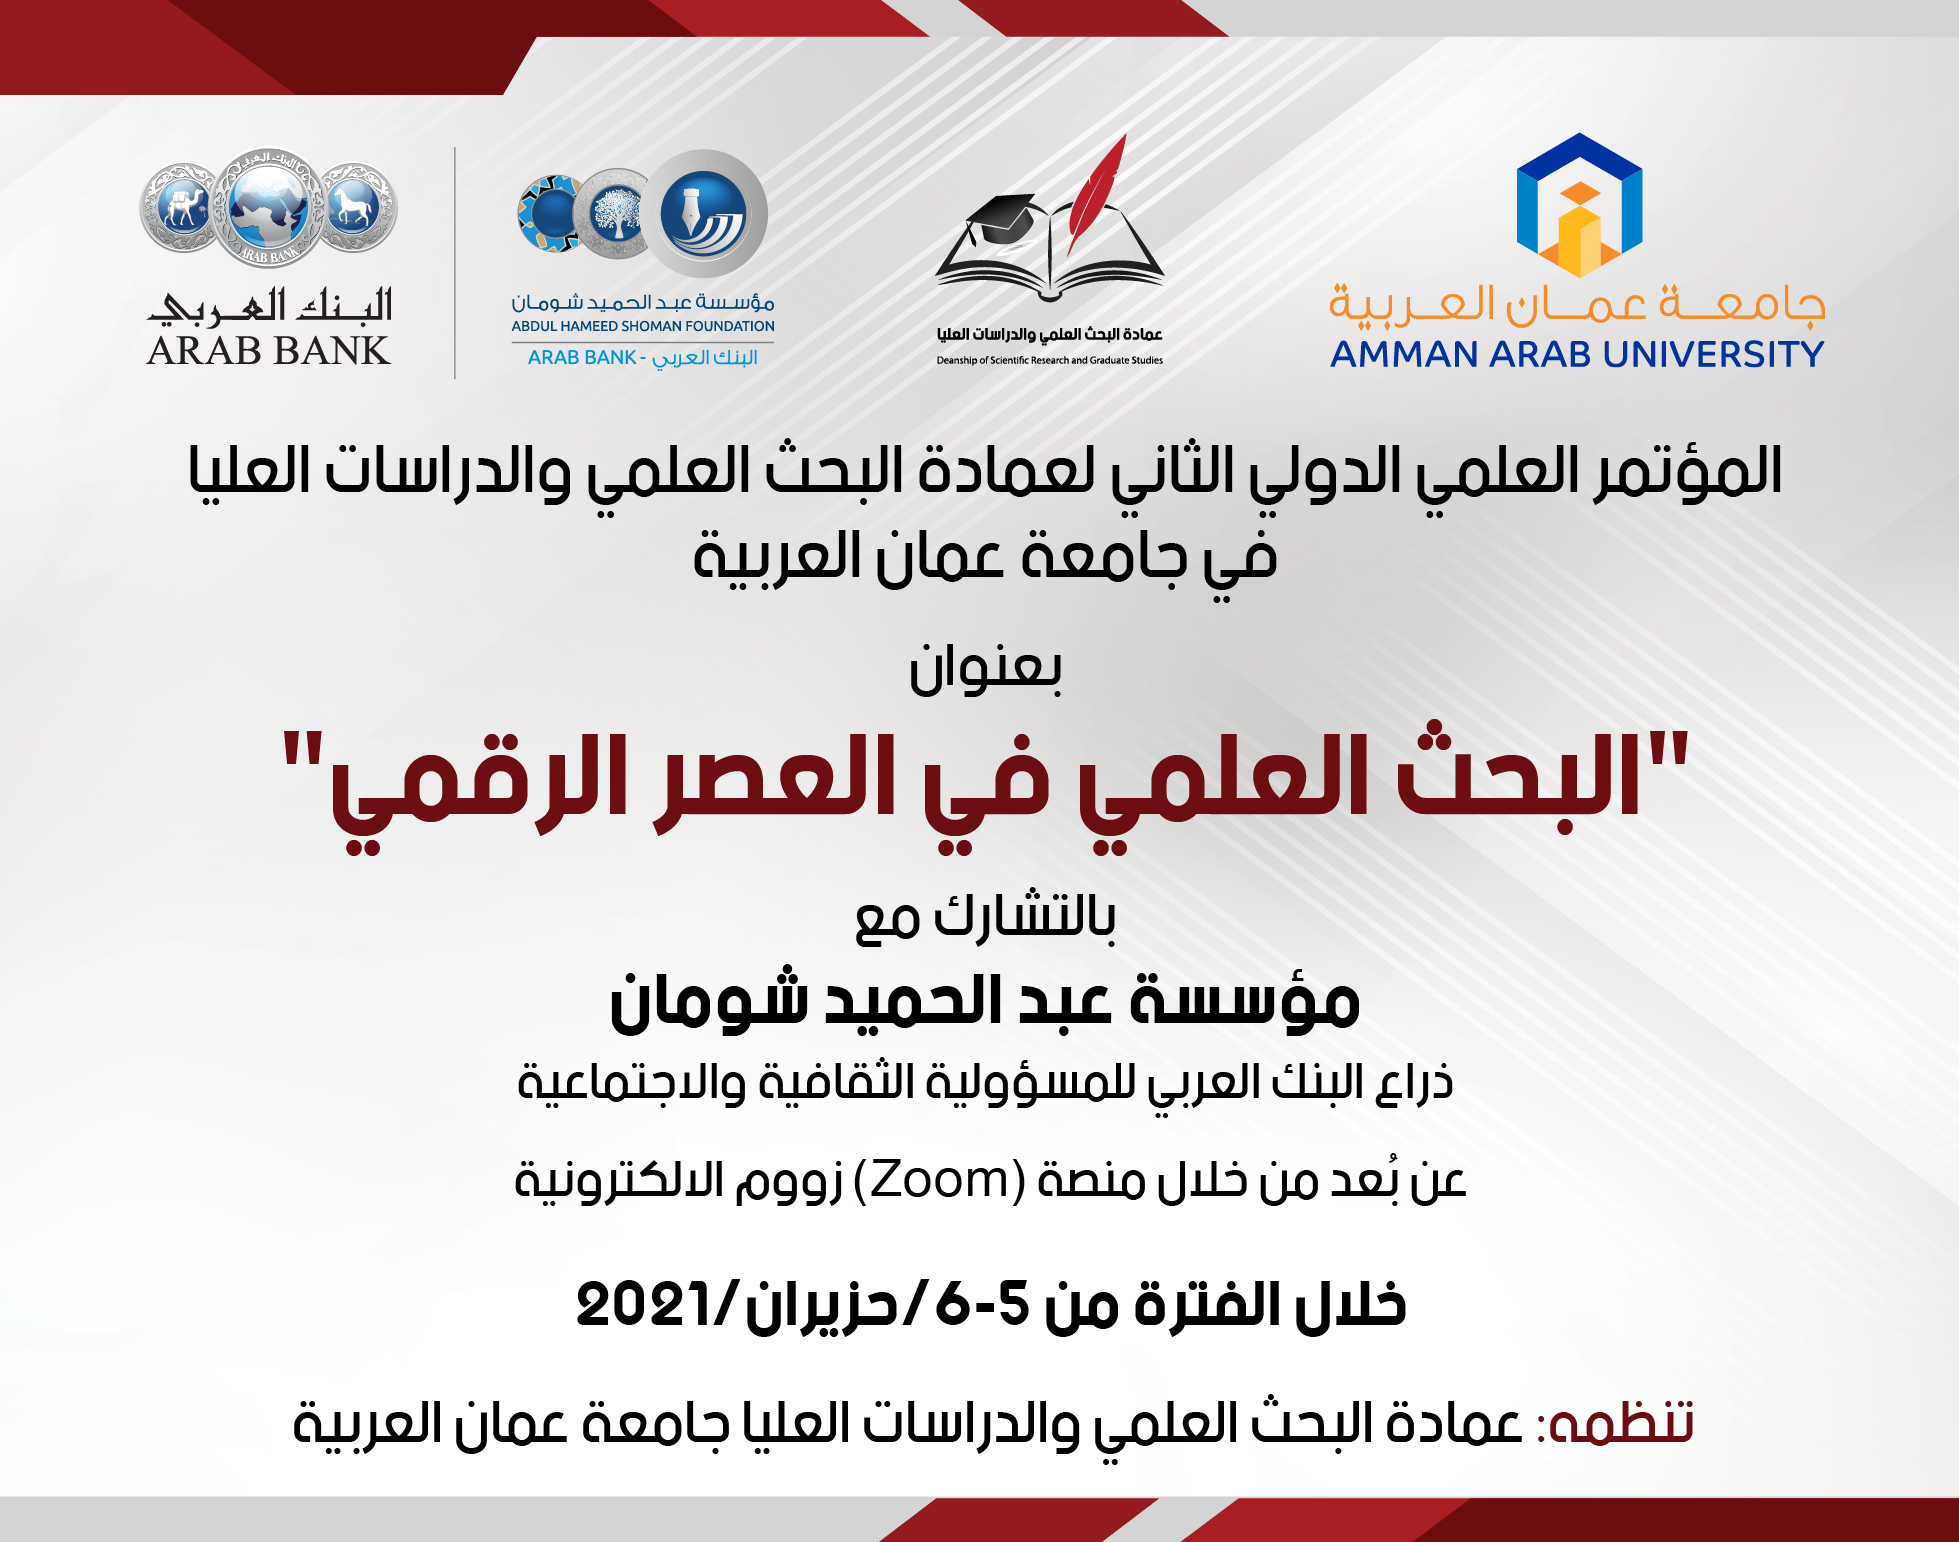 عمان العربية تتشارك مع مؤسسة عبد الحميد شومان